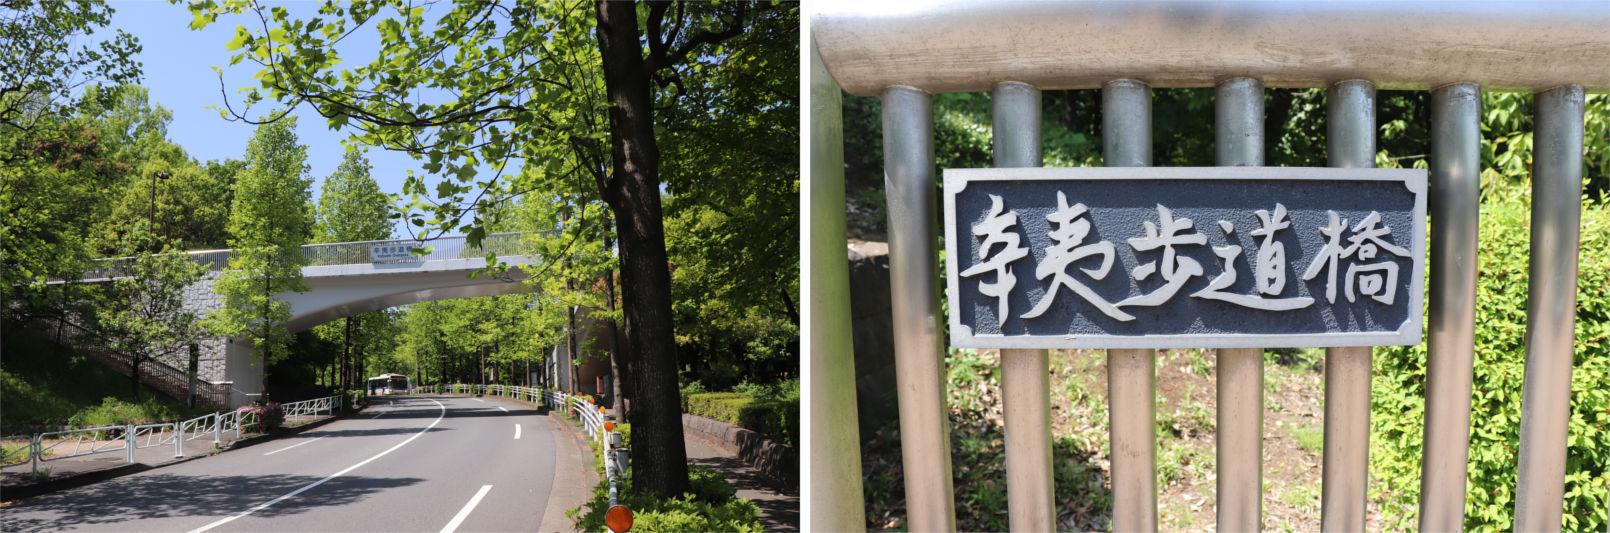 [多摩NTの橋ぜんぶ撮影PJ] No.36~40 上柚木公園周辺の橋_a0332275_00332992.jpg